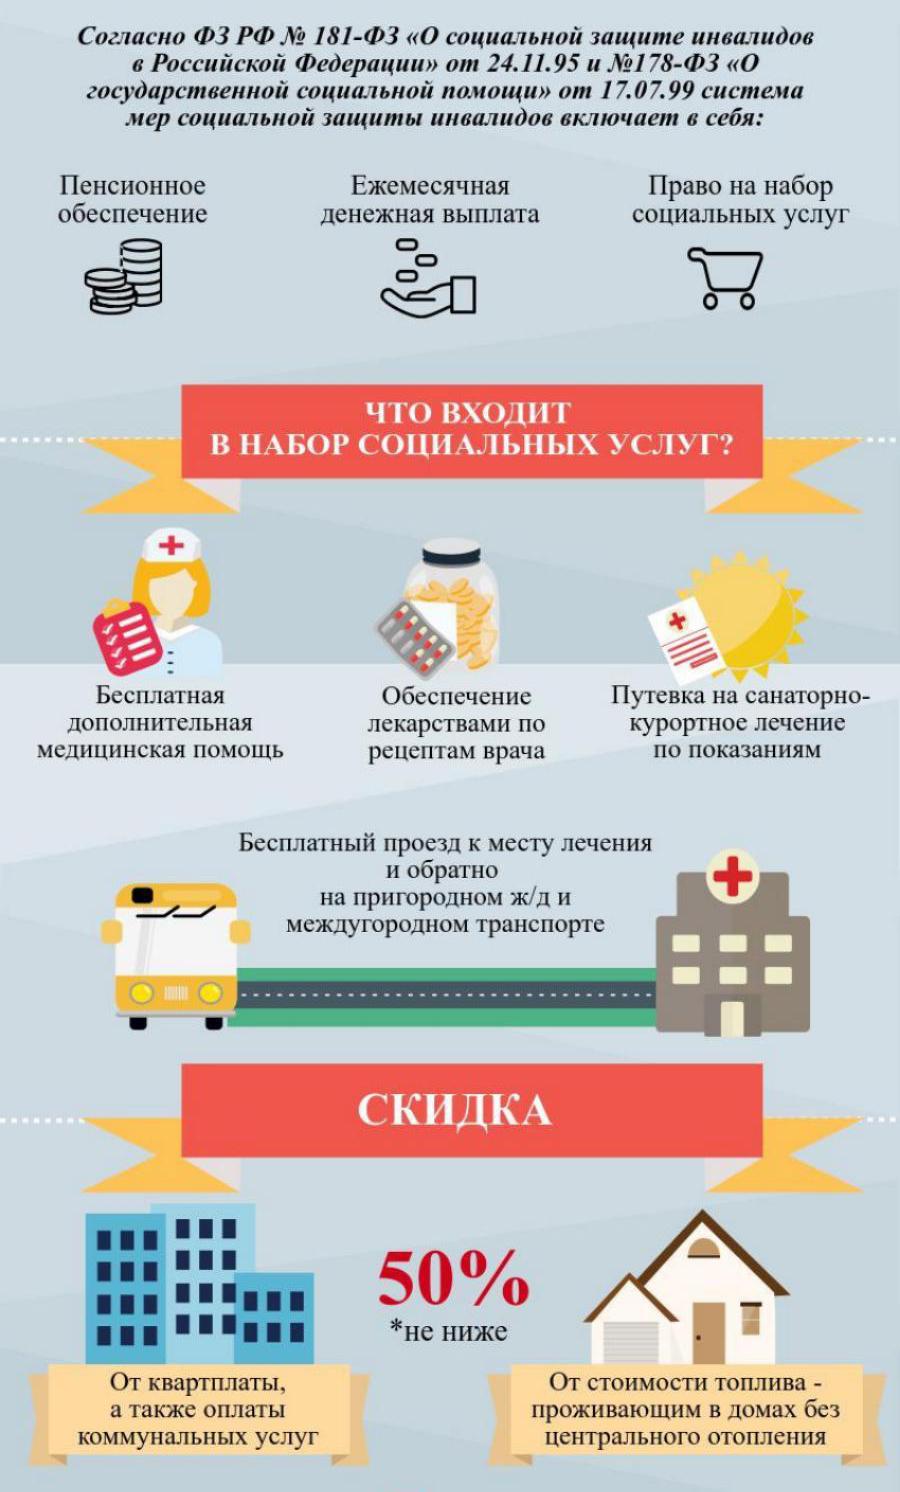 Какие лекарства предоставляются инвалидам бесплатно от государства